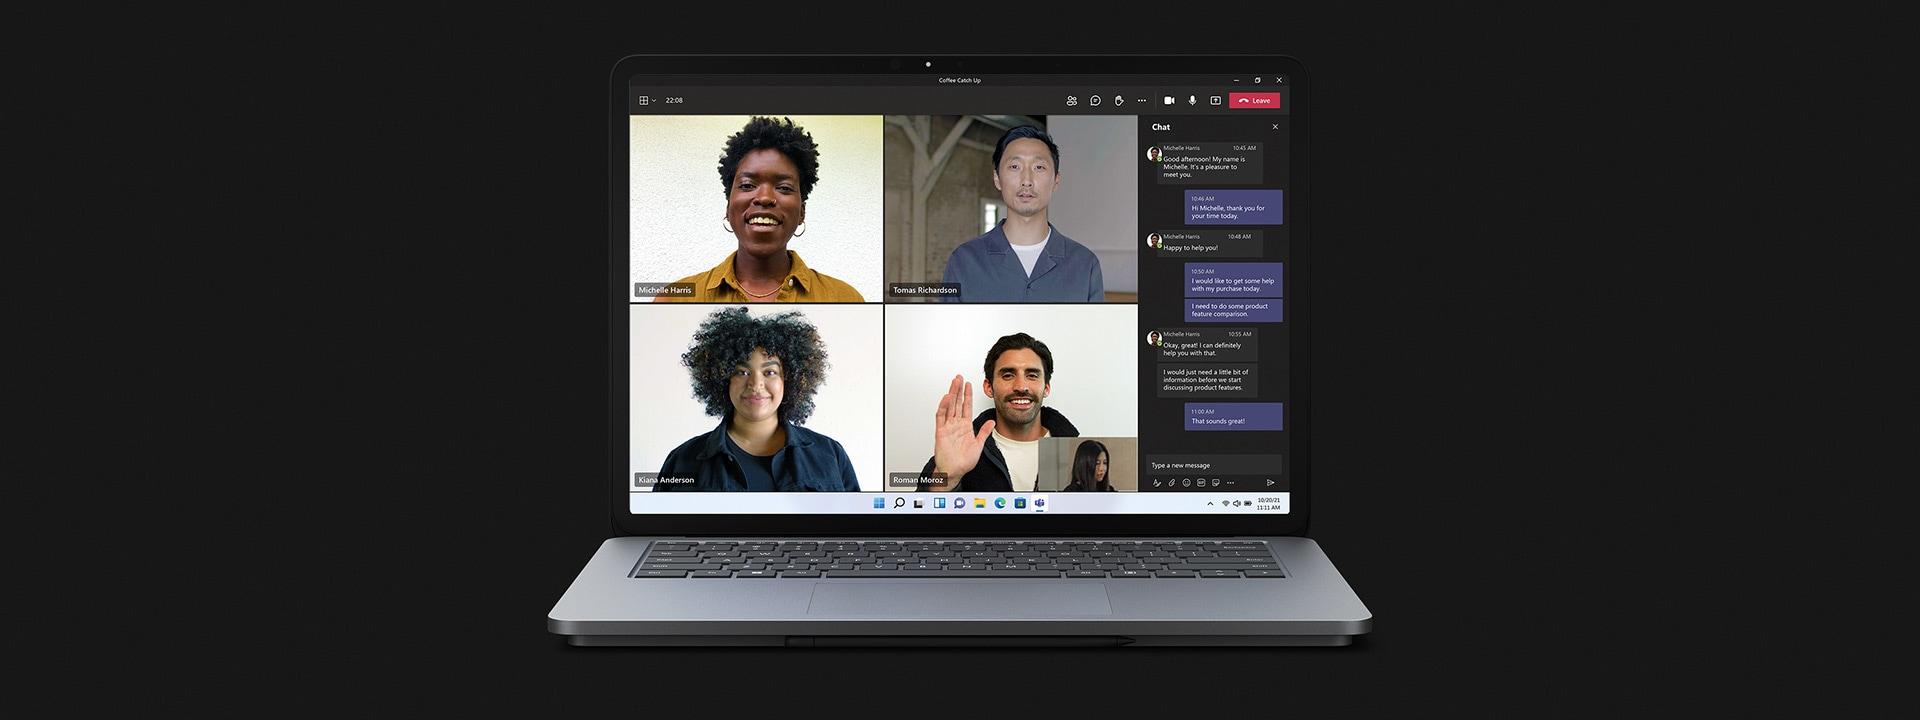 Surface Laptop Studio in laptop mode using Teams.